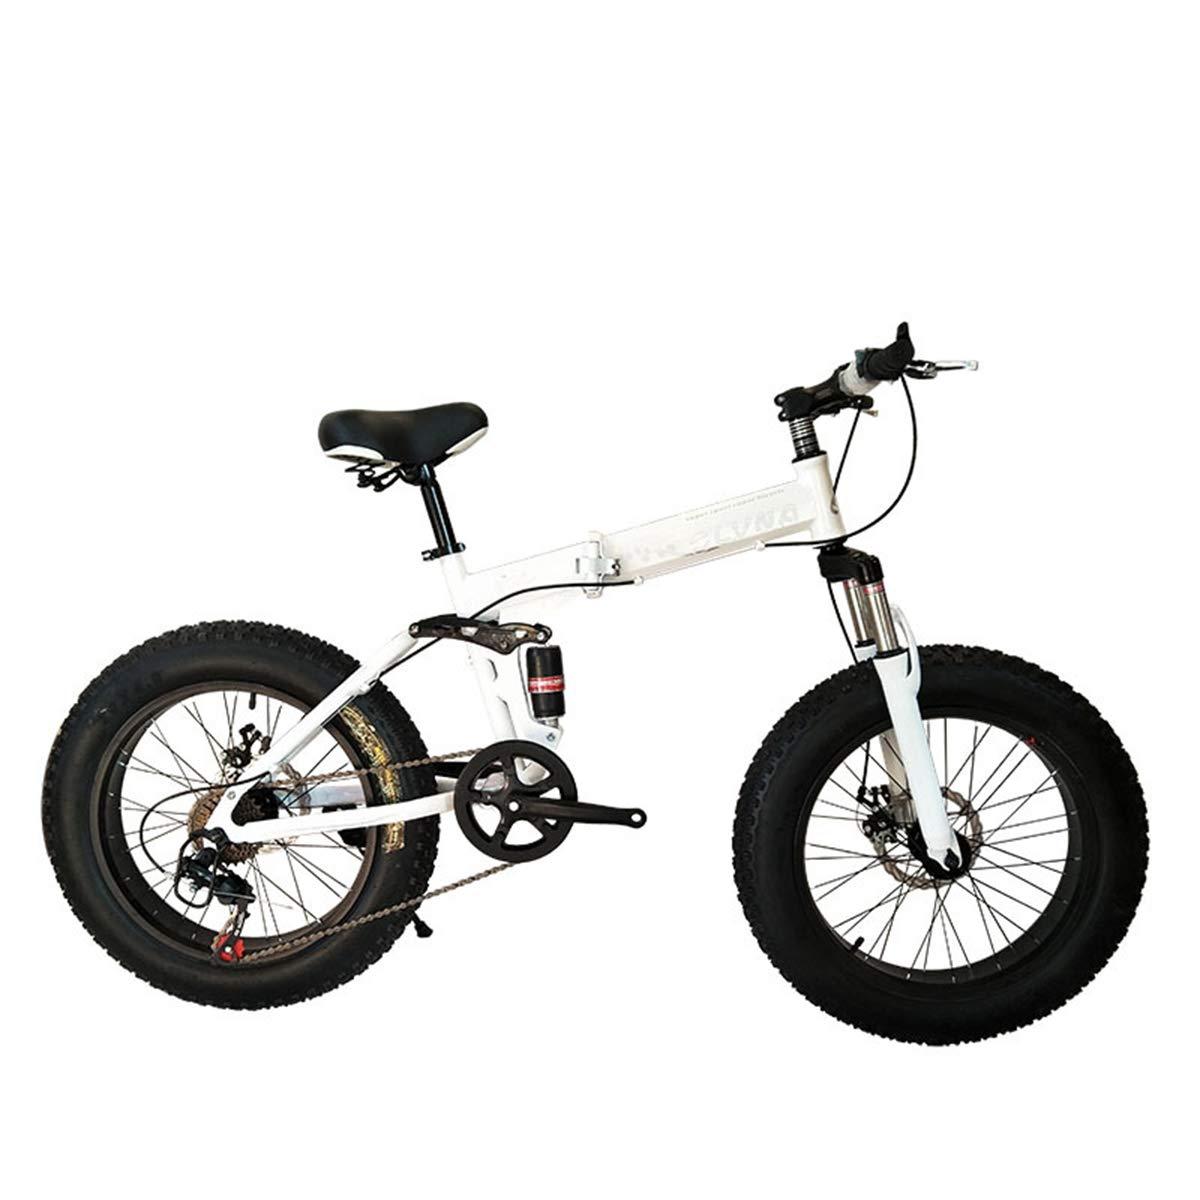 Dapang Bicicleta de montaña Plegable, 20 Pulgadas, Velocidad 21/24/27, Engranajes Shimano con Llantas de 4.0